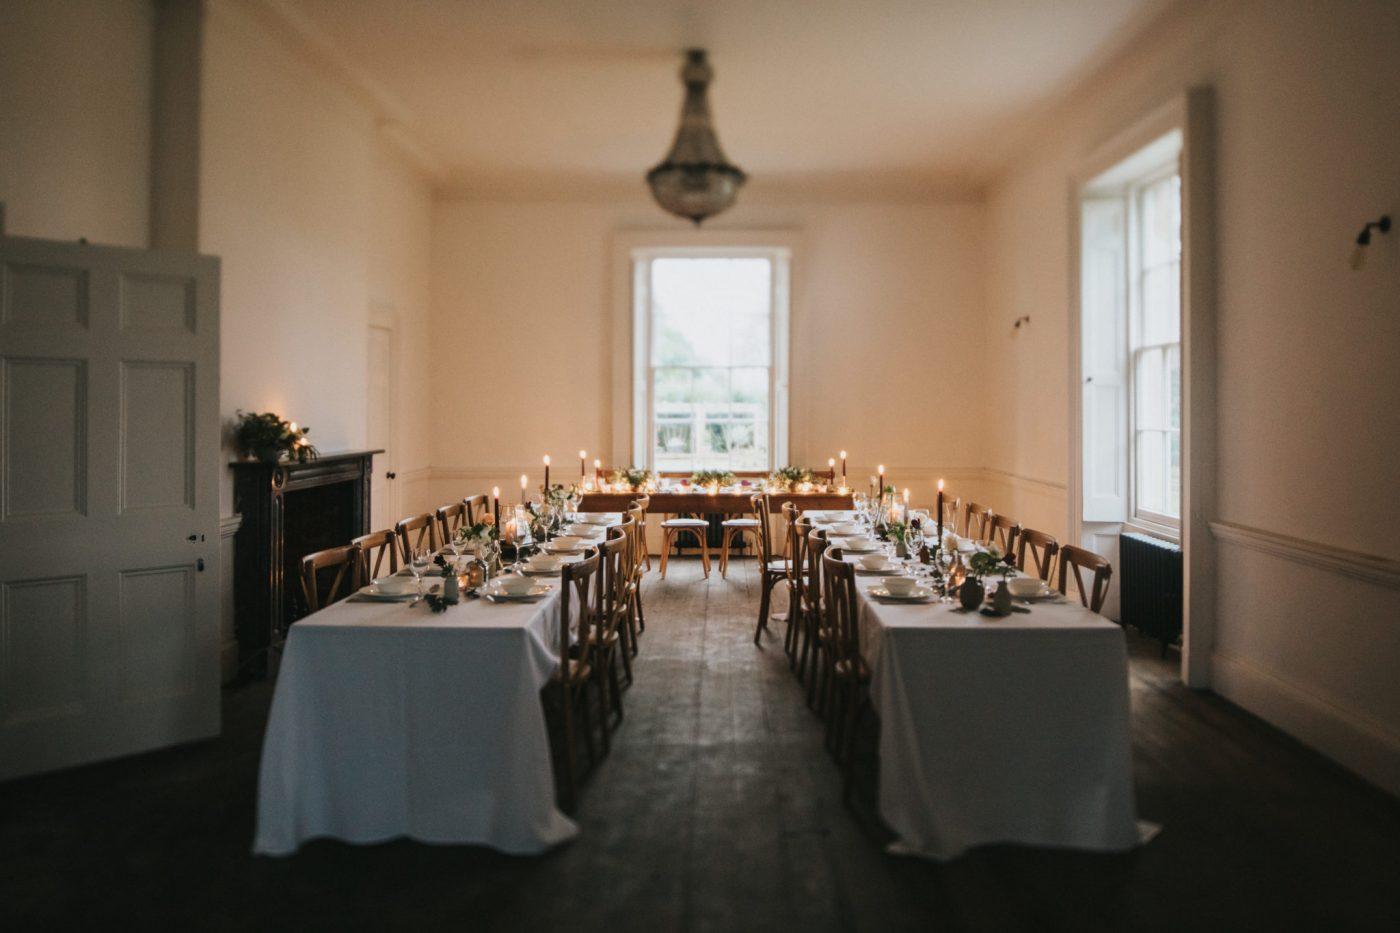 Aswarby Rectory Wedding Venue